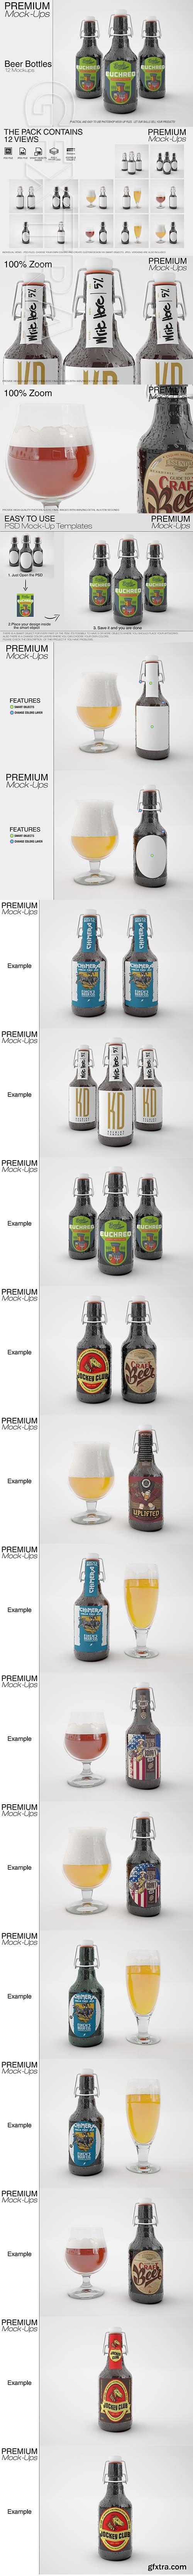 Beer Bottle Mockup Pack